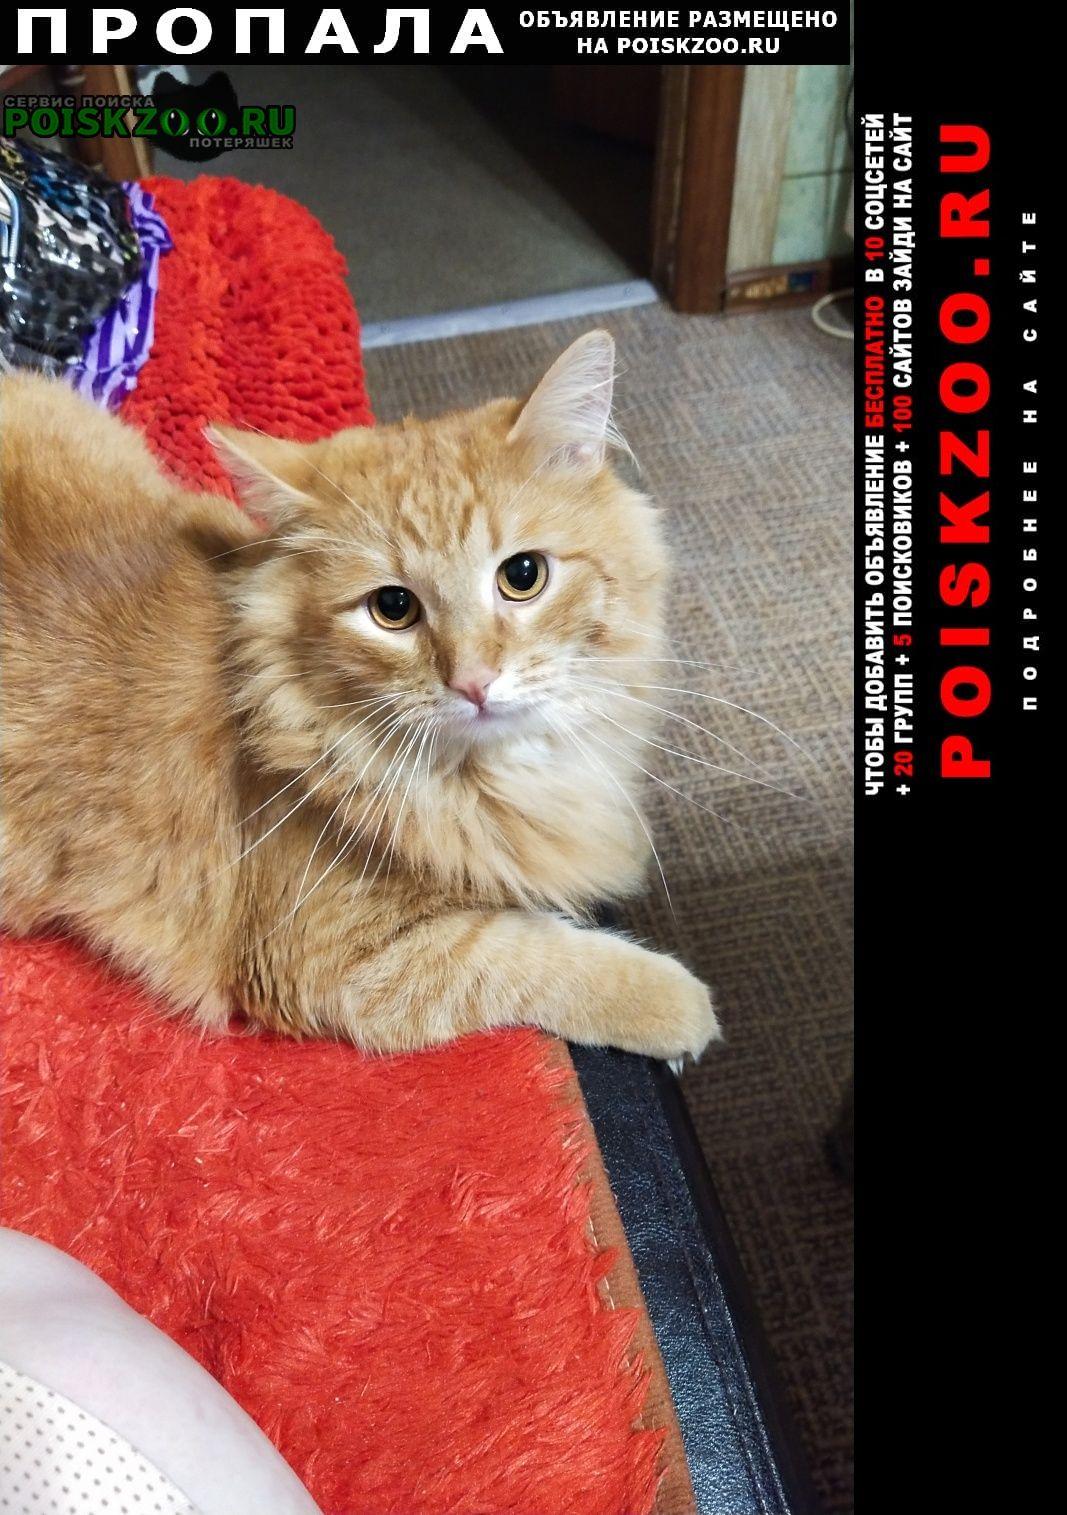 Пропала кошка рыжий кот  Люберцы